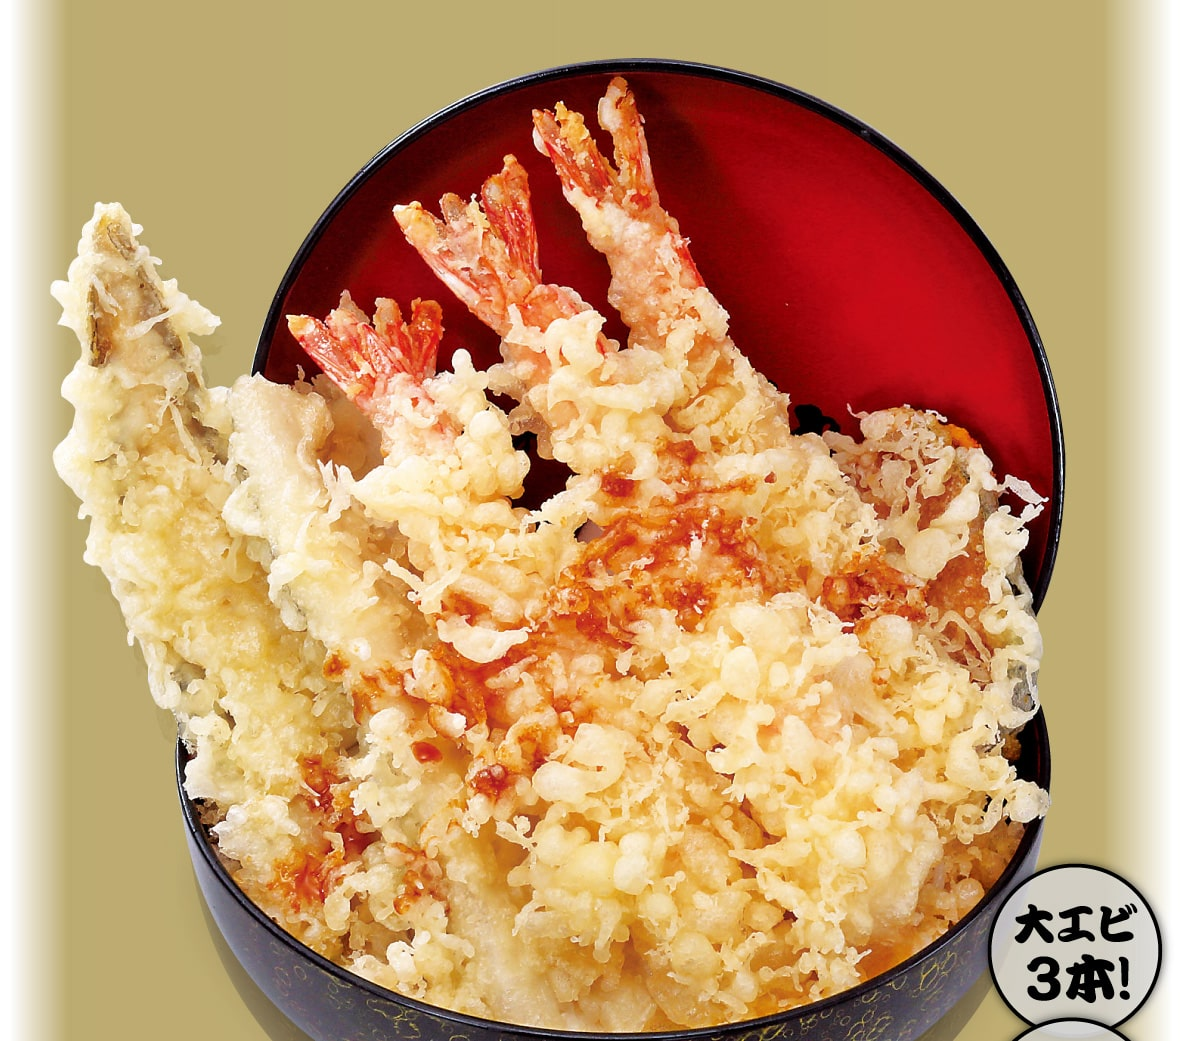 大海老穴子天丼商品写真